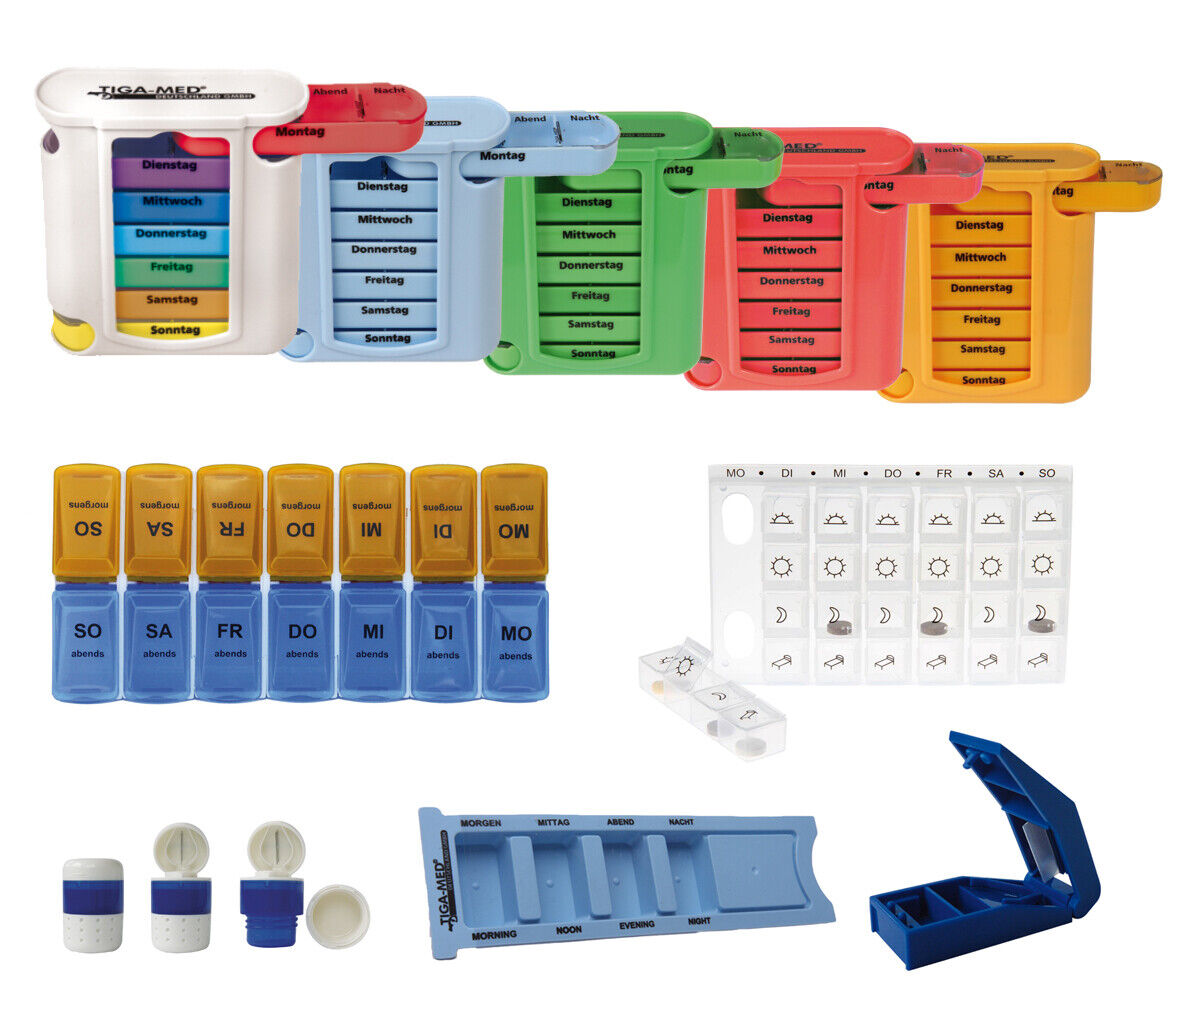 Tablettenbox Pillendose Arzneikassette Medikamentendosierer Medikamentenbox Wahl